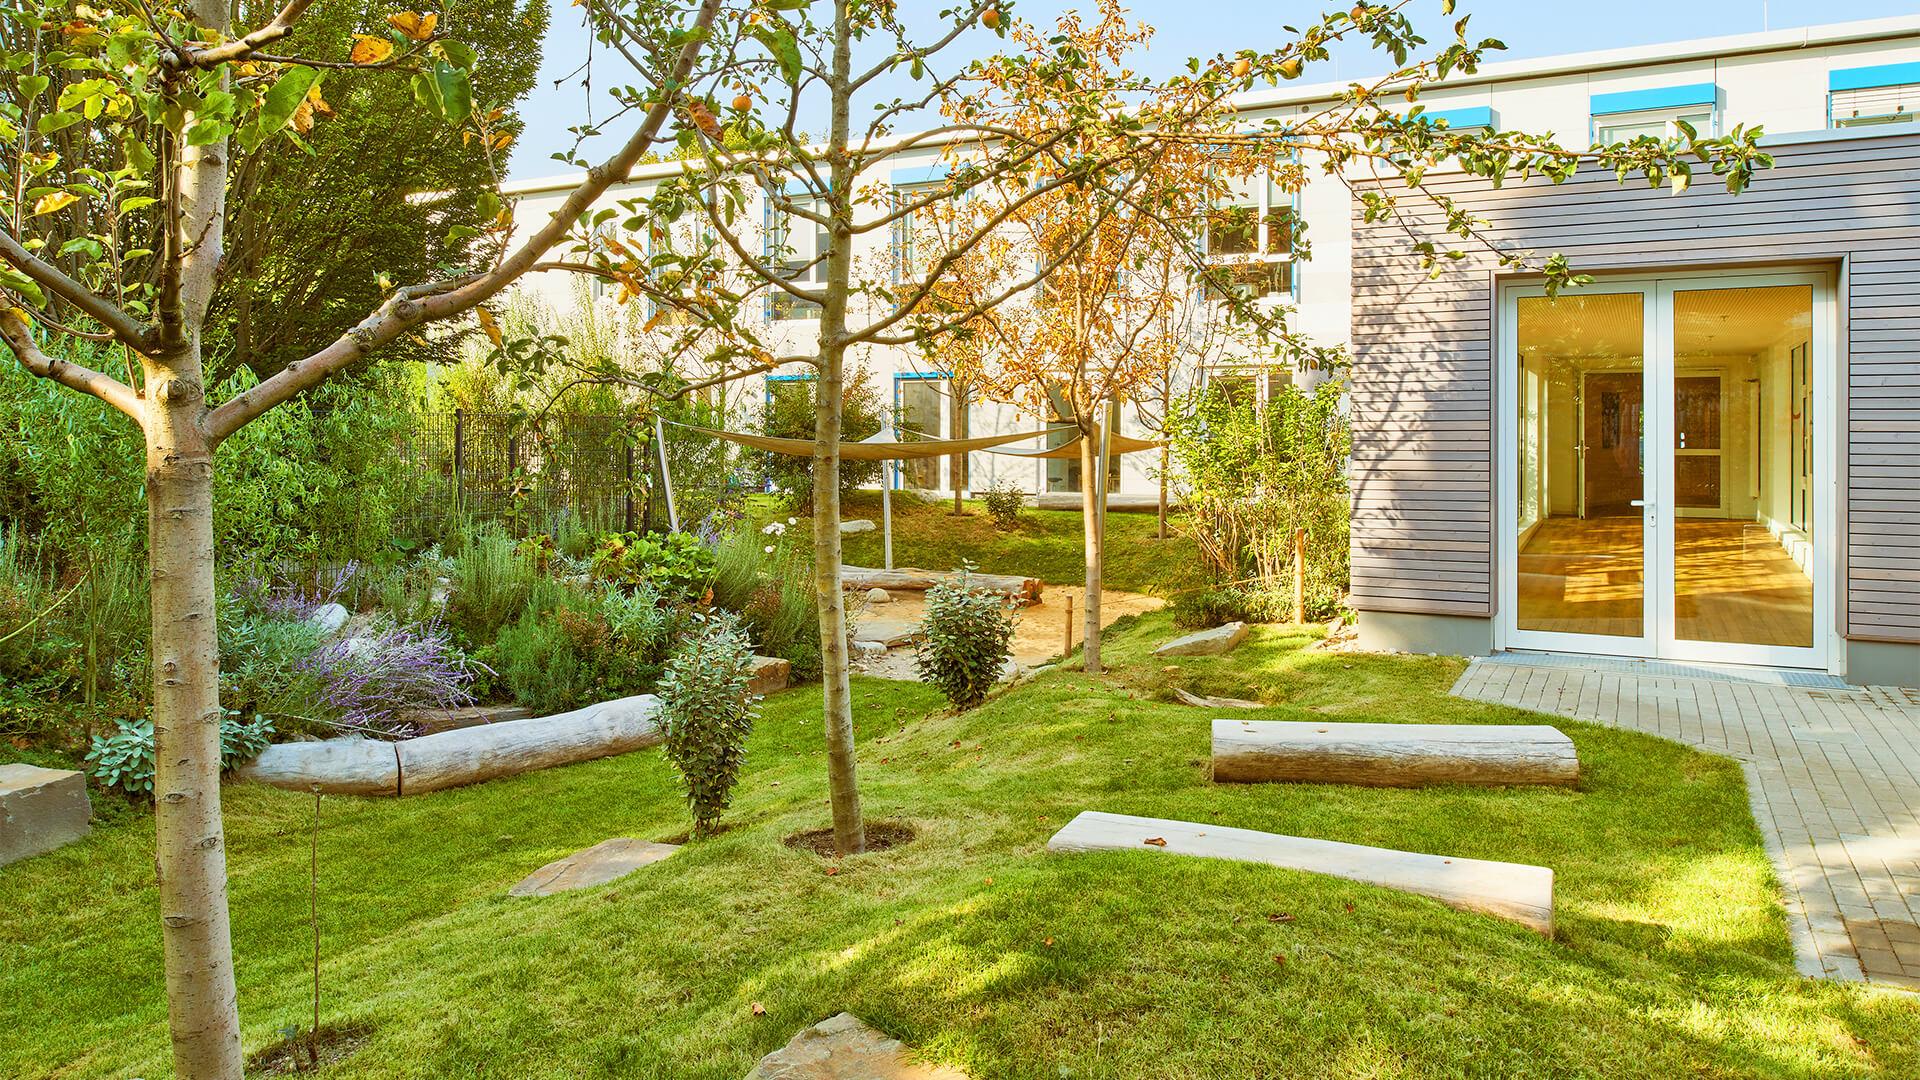 Toller, natürlicher Außenbereich mit Wiese, vielen Obstbäumen und Kräutergarten